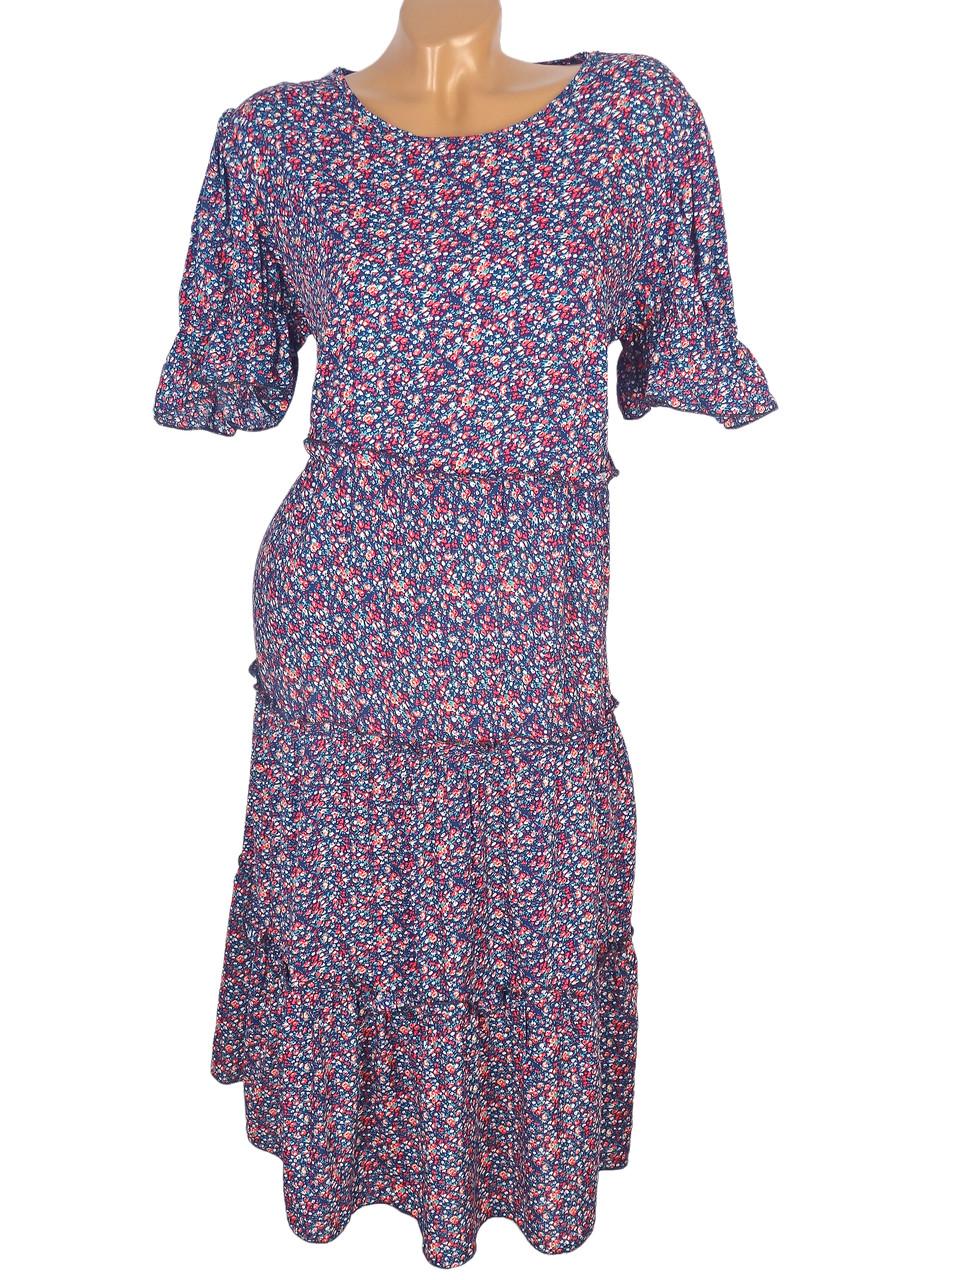 Яркое платье макси с укороченным рукавом 50-56 (в расцветках)